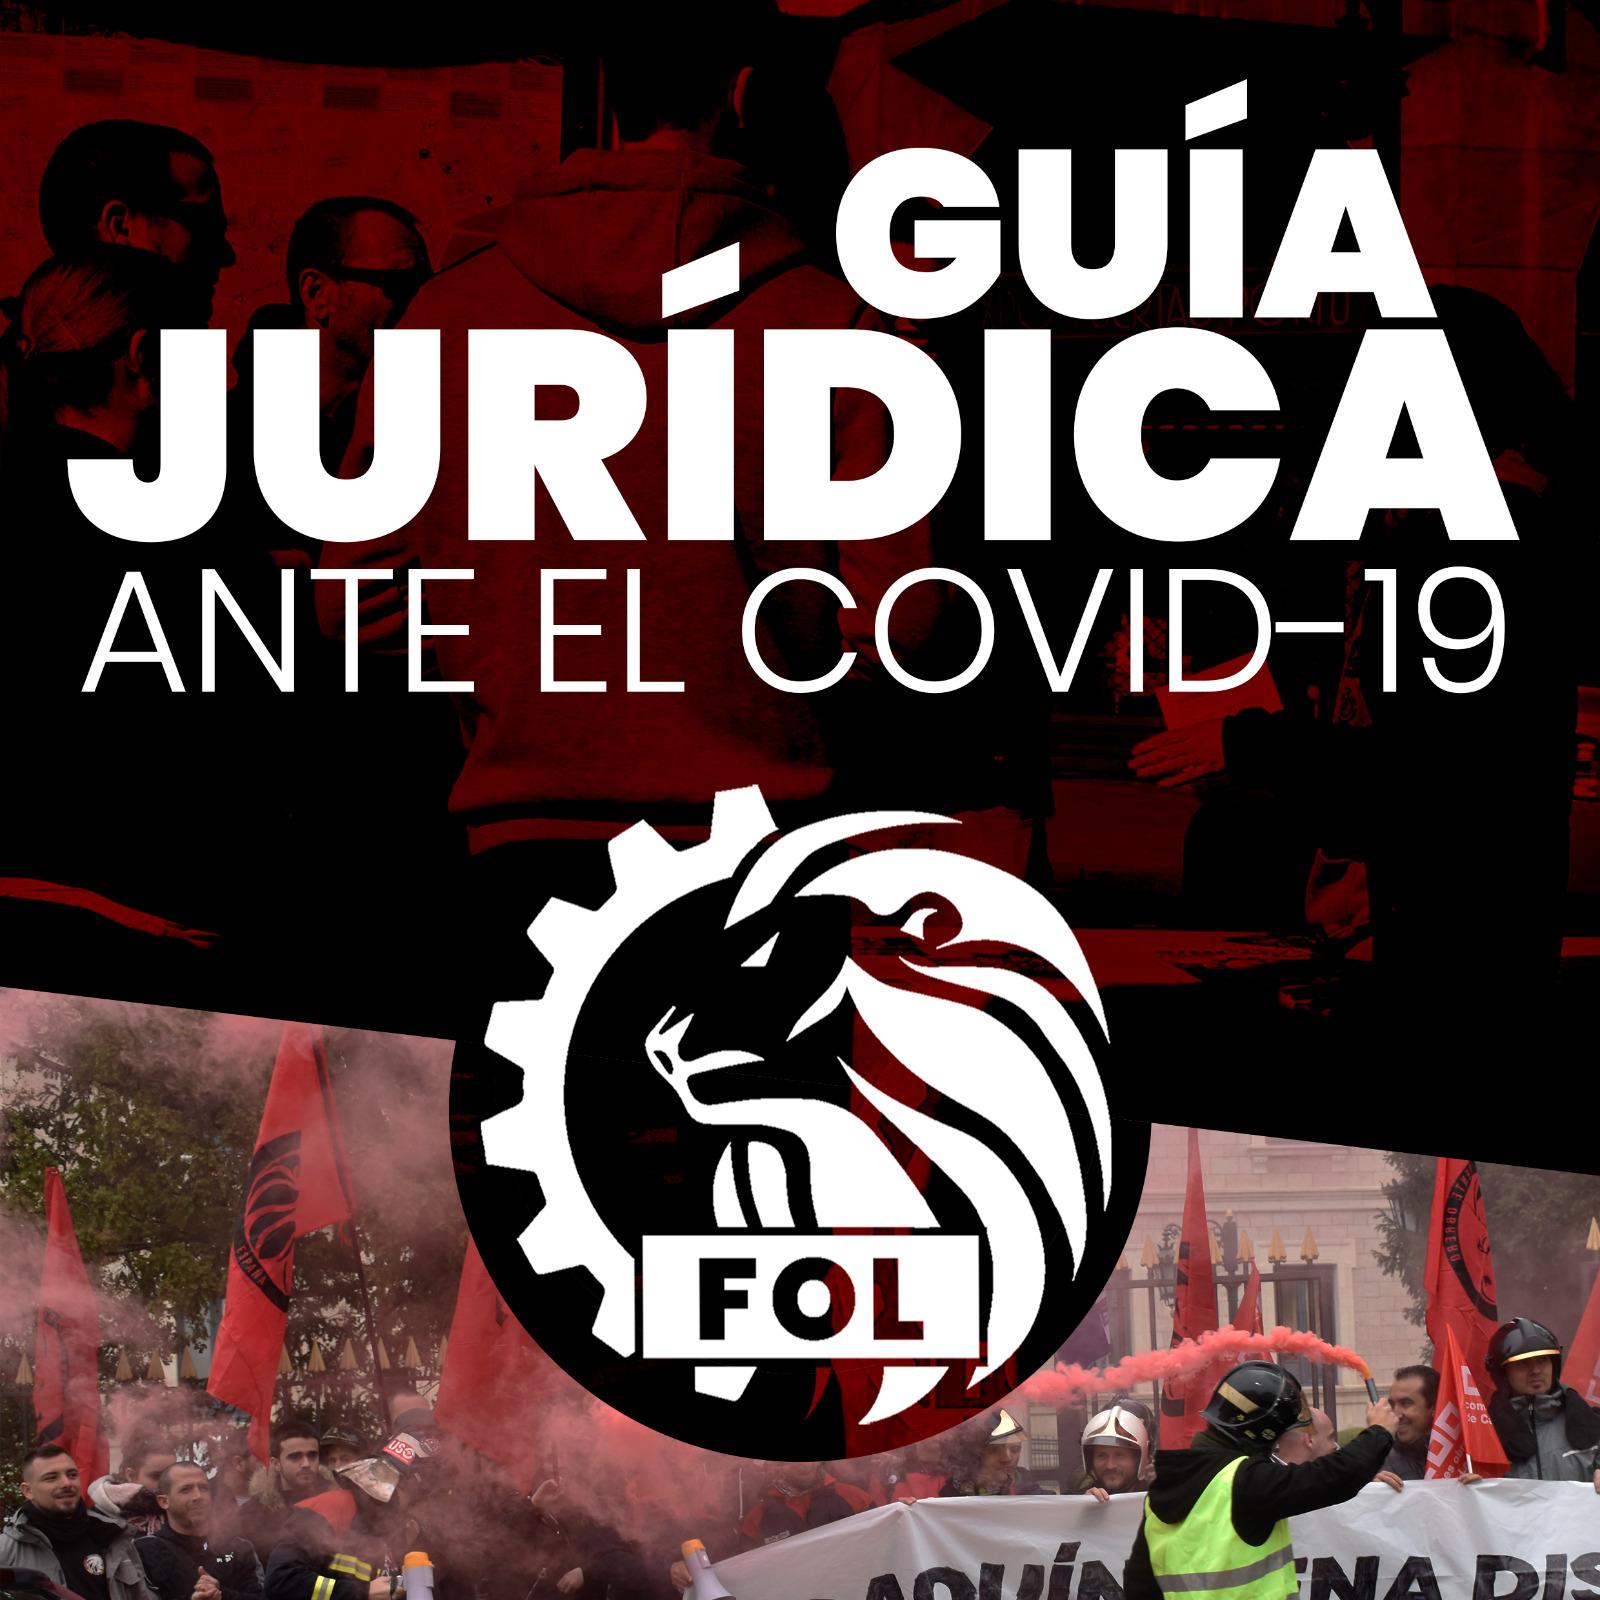 Guía Jurídica Ante El COVID-19